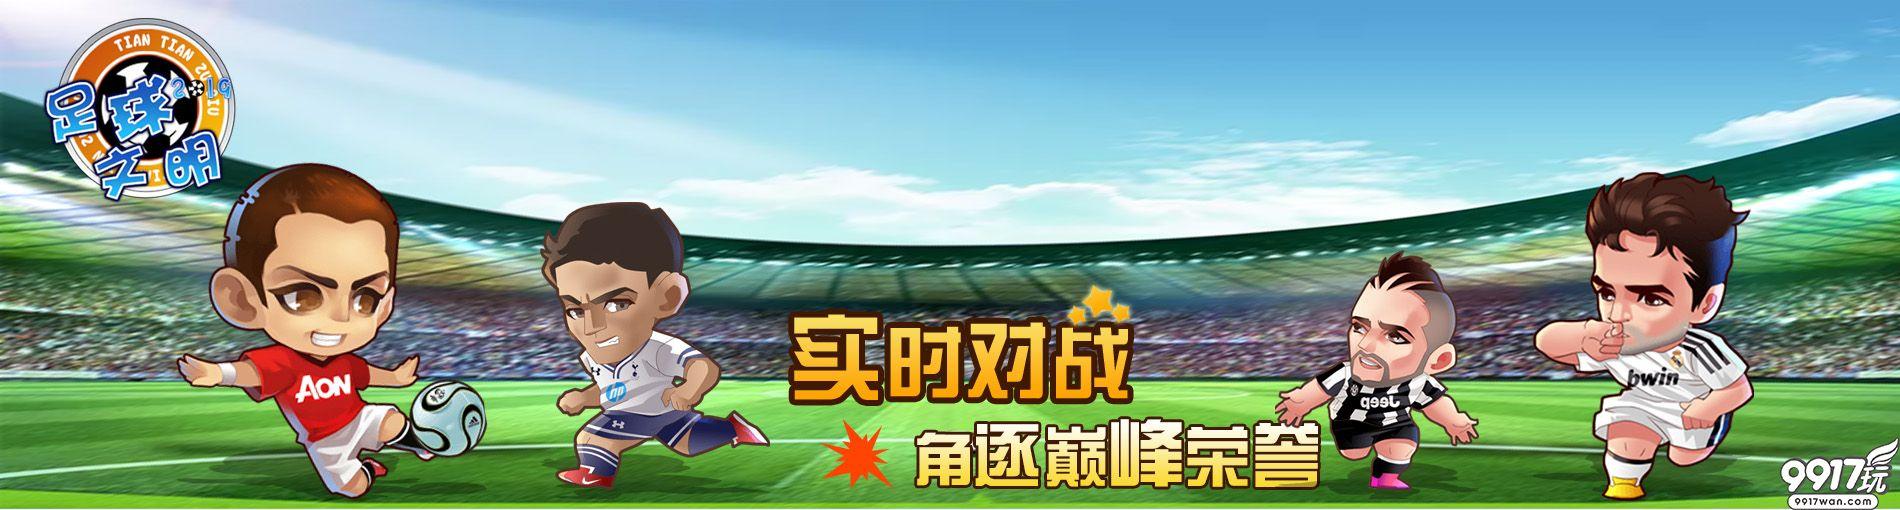 《足球文明》新手战斗力如何提升?—新手战力提升攻略详情!